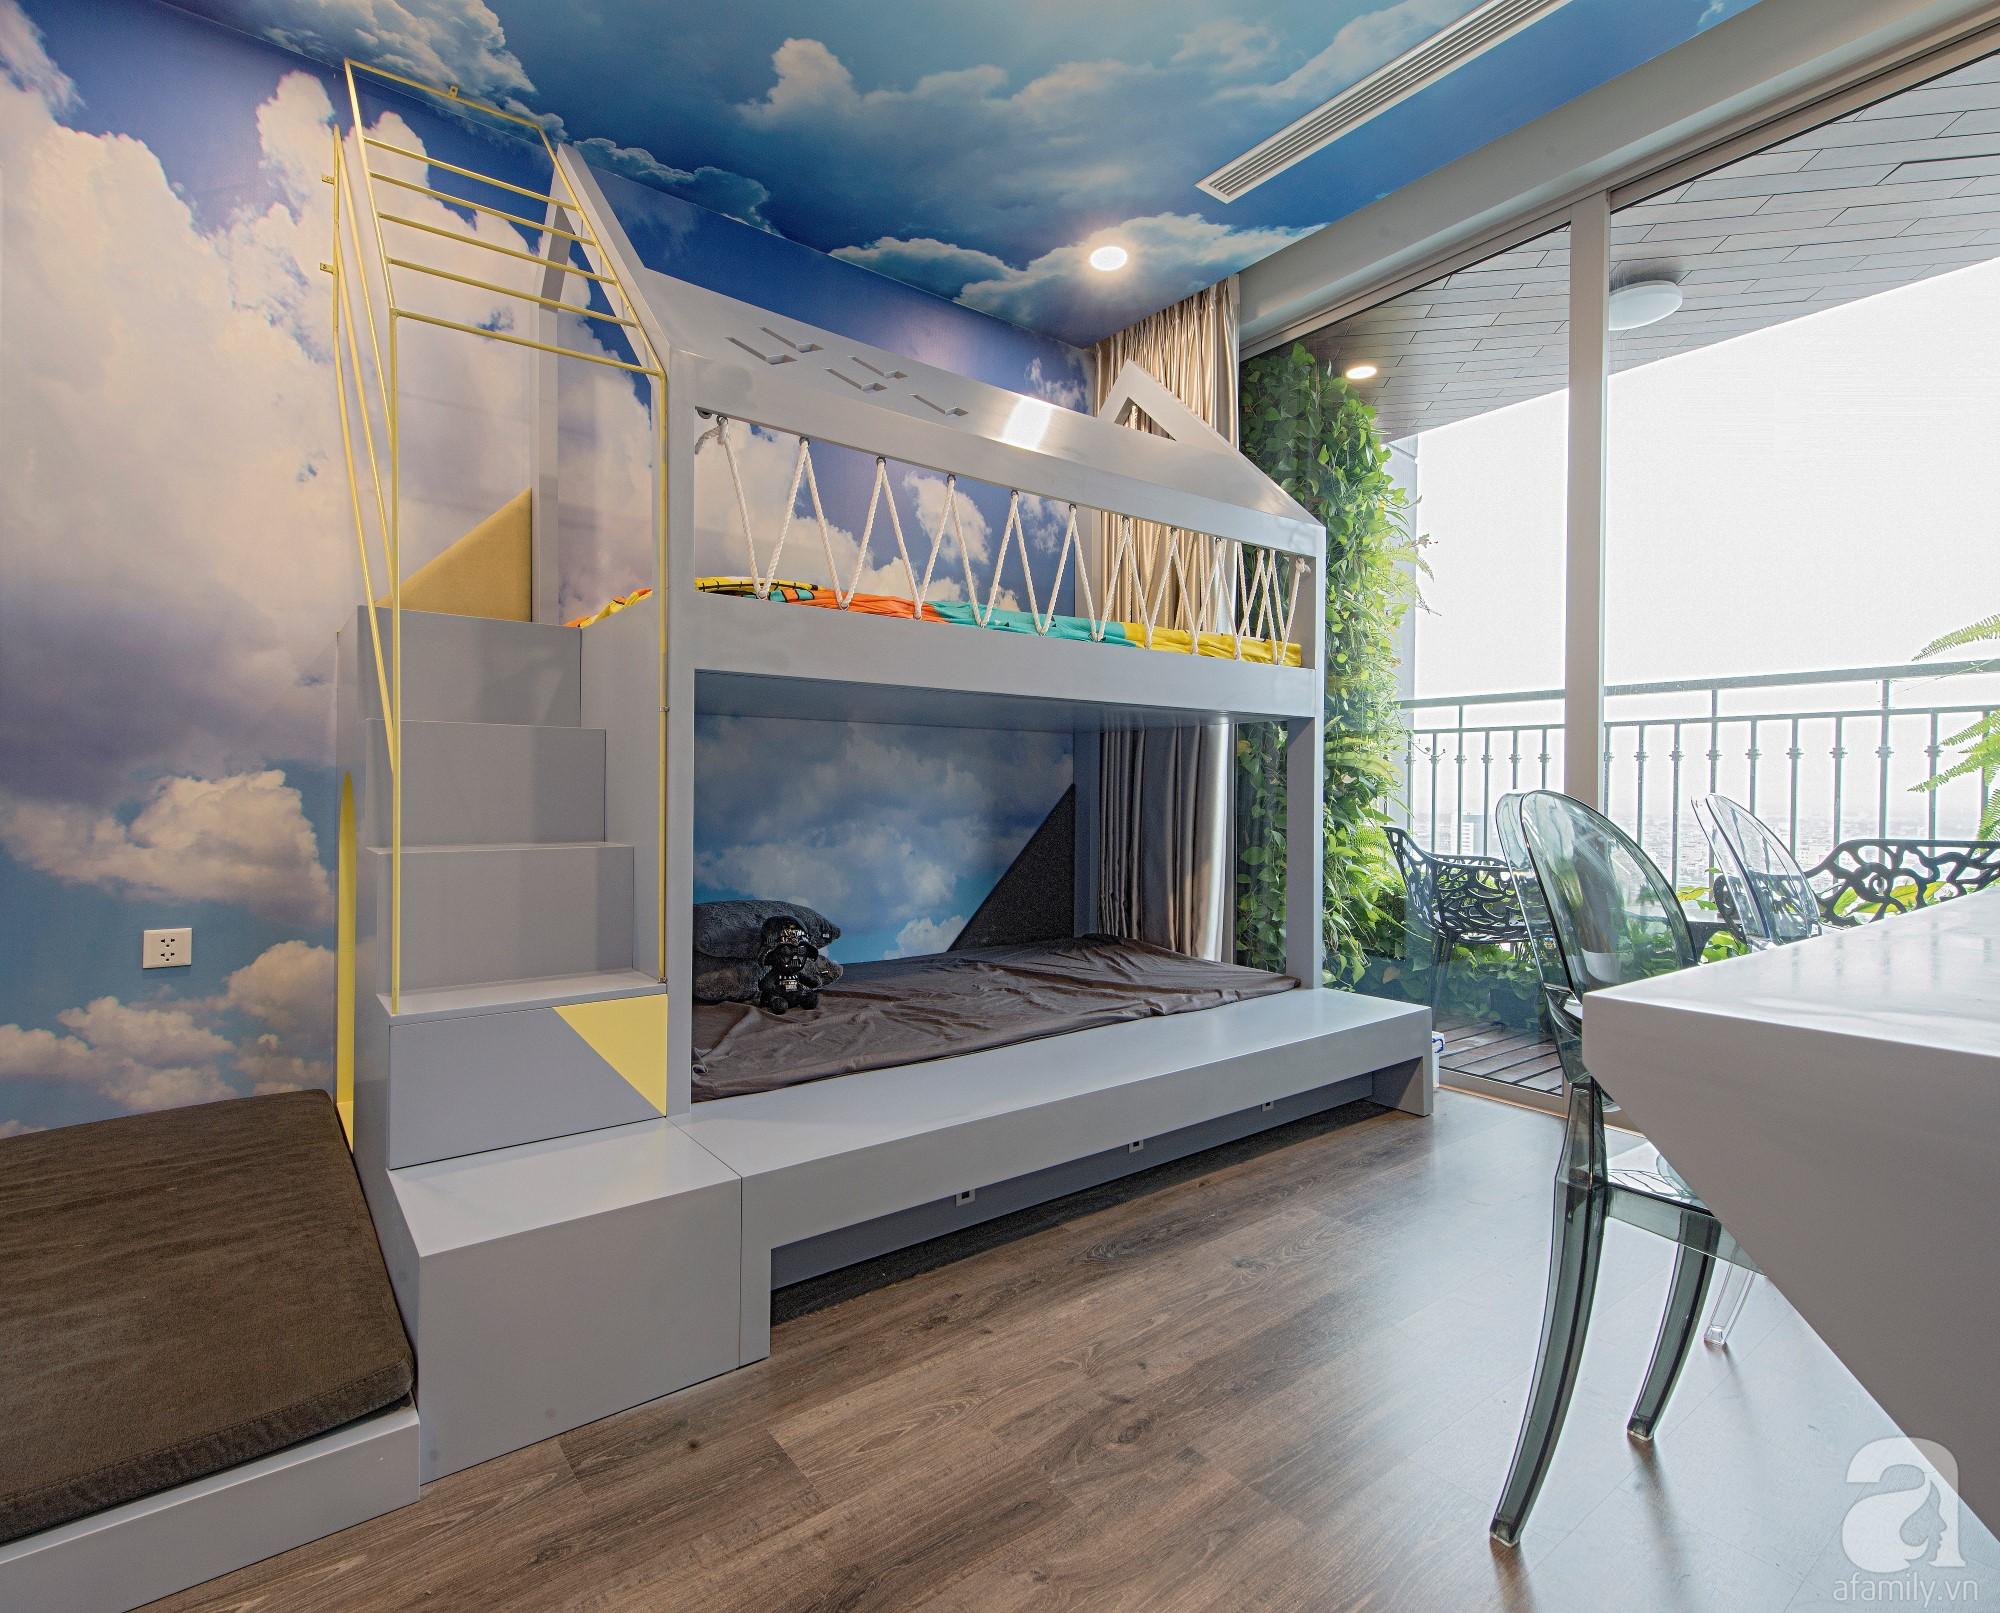 Căn hộ 80m² trên tầng 21 đẹp độc đáo với chi phí cải tạo 780 triệu đồng của chủ nhà yêu cây xanh - Ảnh 18.